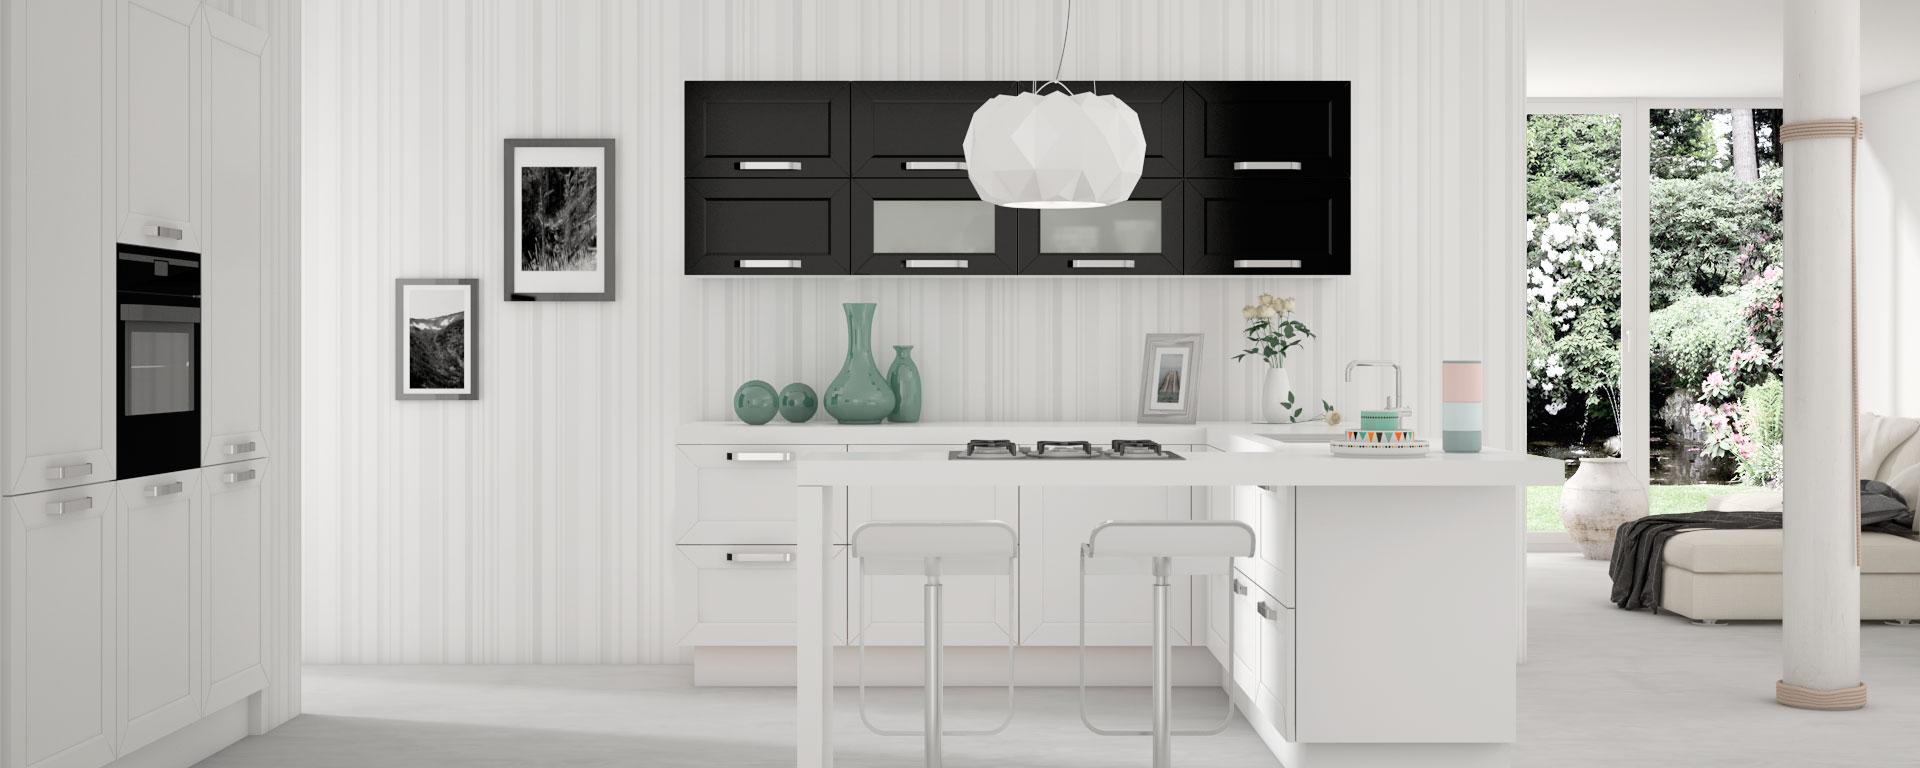 Cocina Blanco y NegroNova